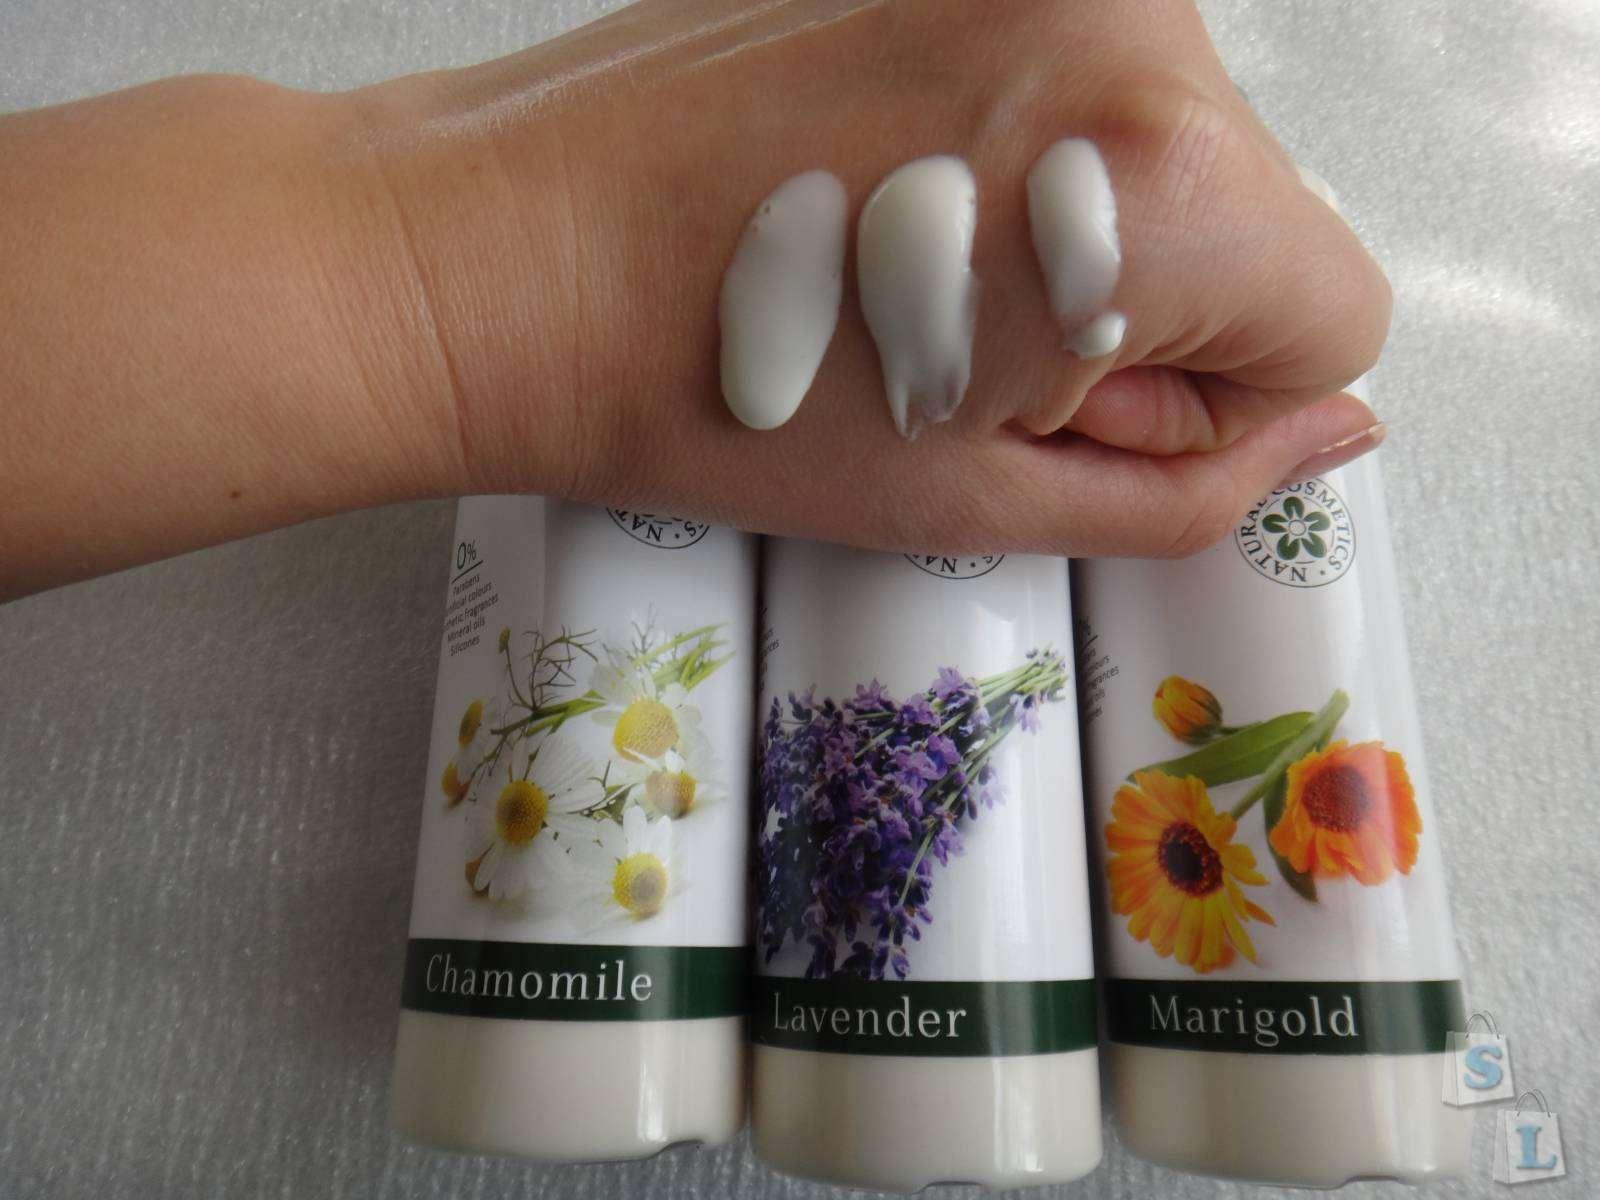 Другие - Украина: Обзор- отзыв о косметическом молочке для тела ТМ 'Alpstories' (Альпсторис) с экстрактом: ромашки, каледулы, лаванды и креме от усталости ног.